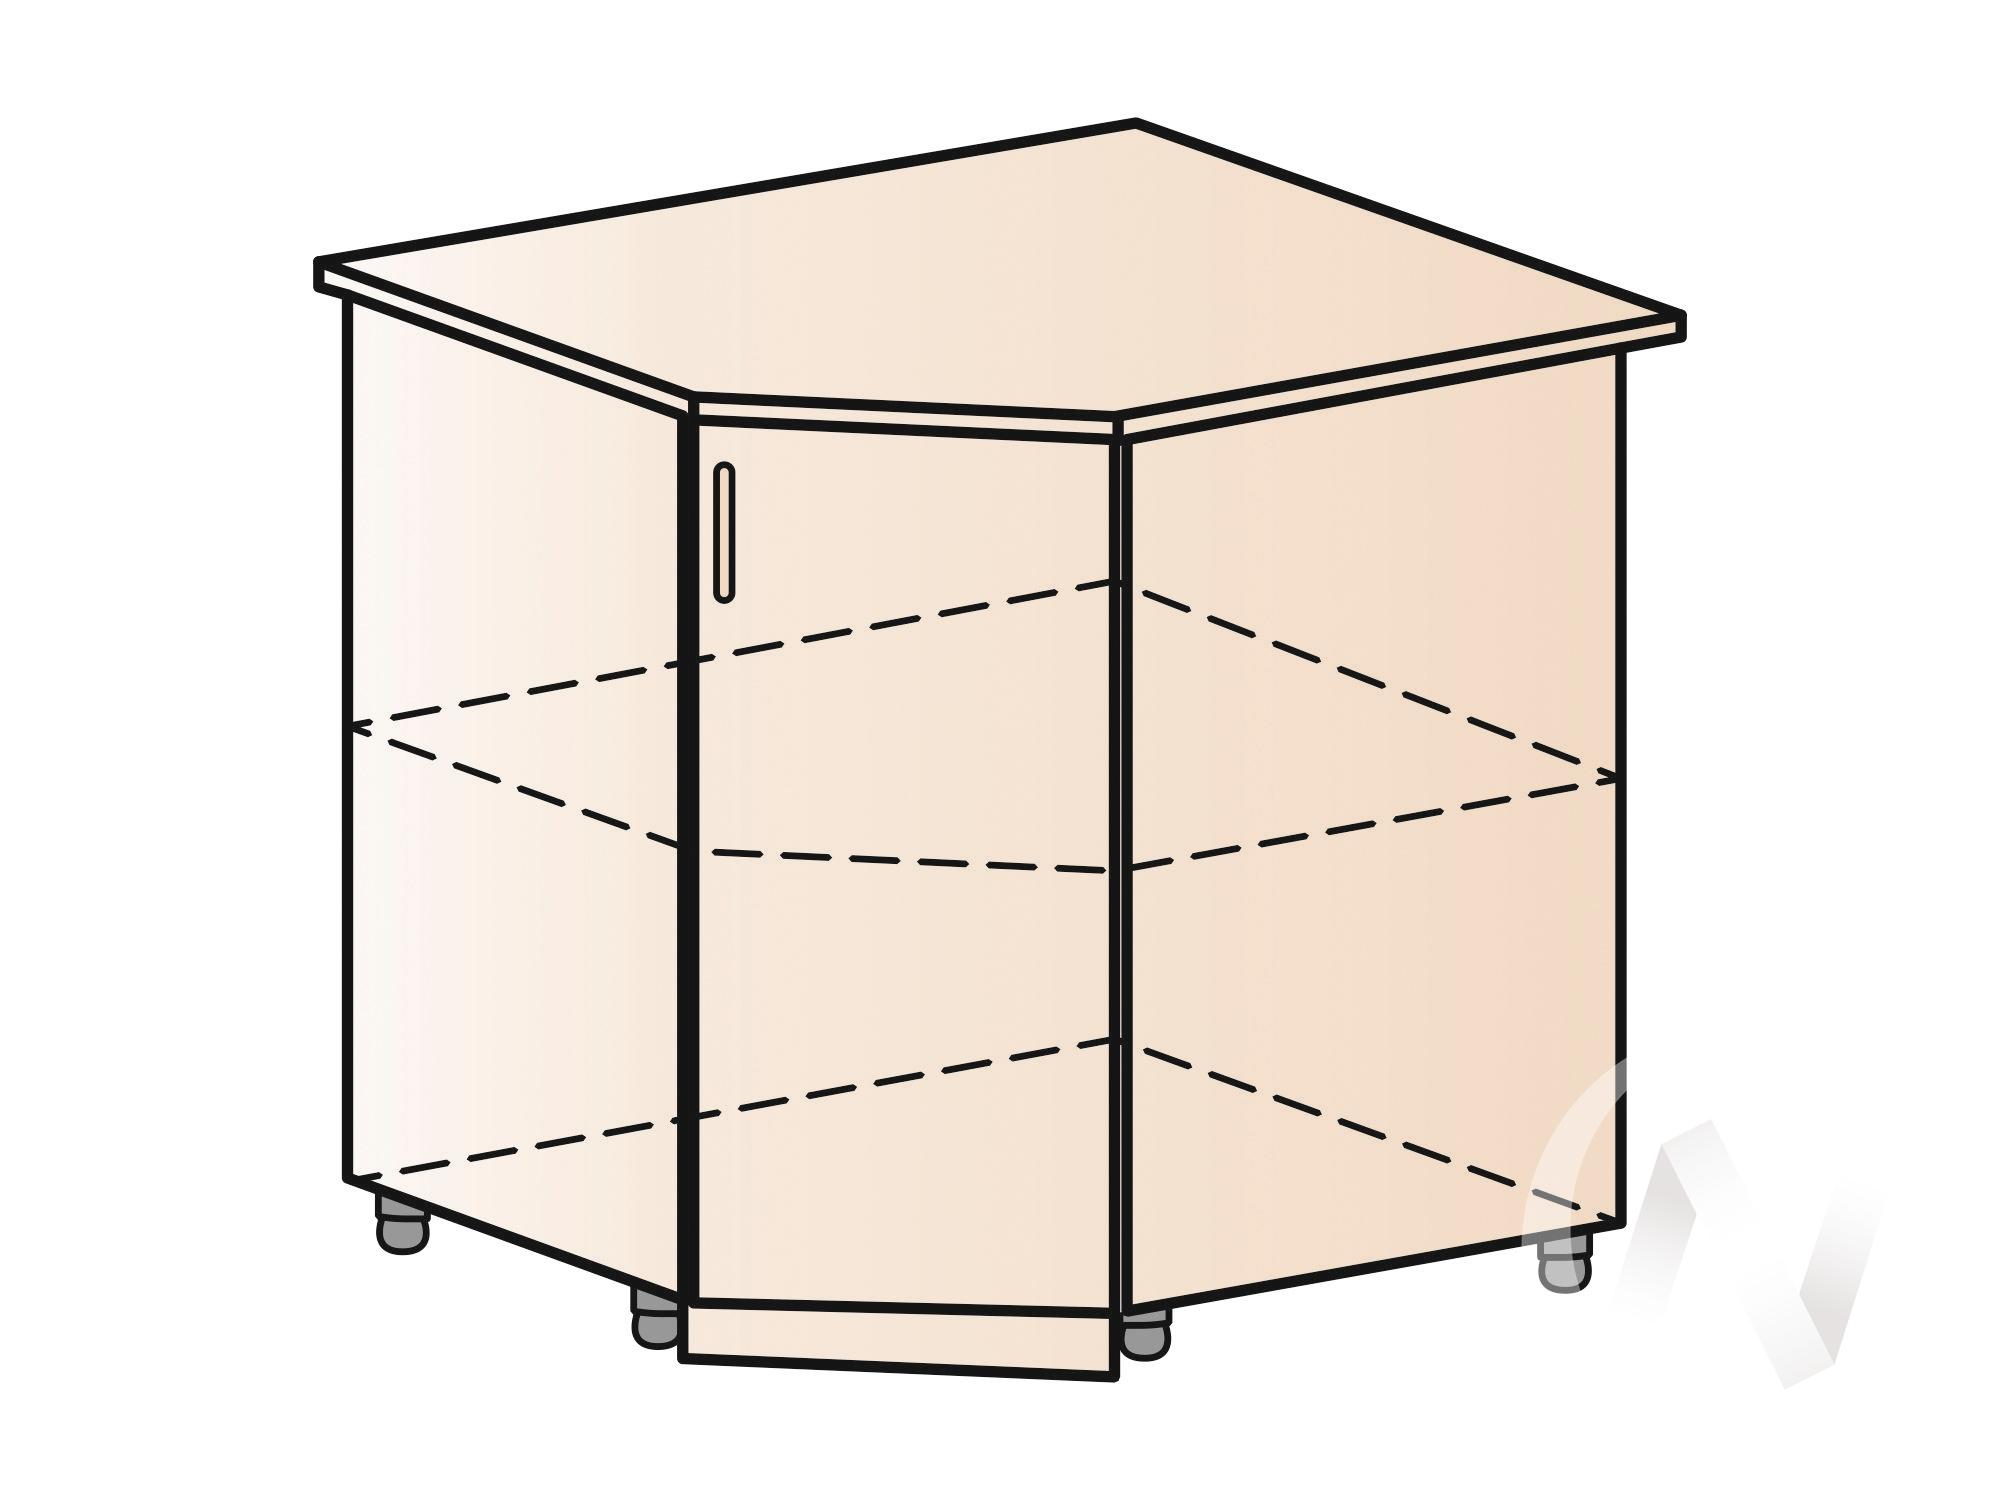 """Кухня """"Вена"""": Шкаф нижний угловой 890, ШНУ 890 (корпус белый) в Новосибирске в интернет-магазине мебели kuhnya54.ru"""